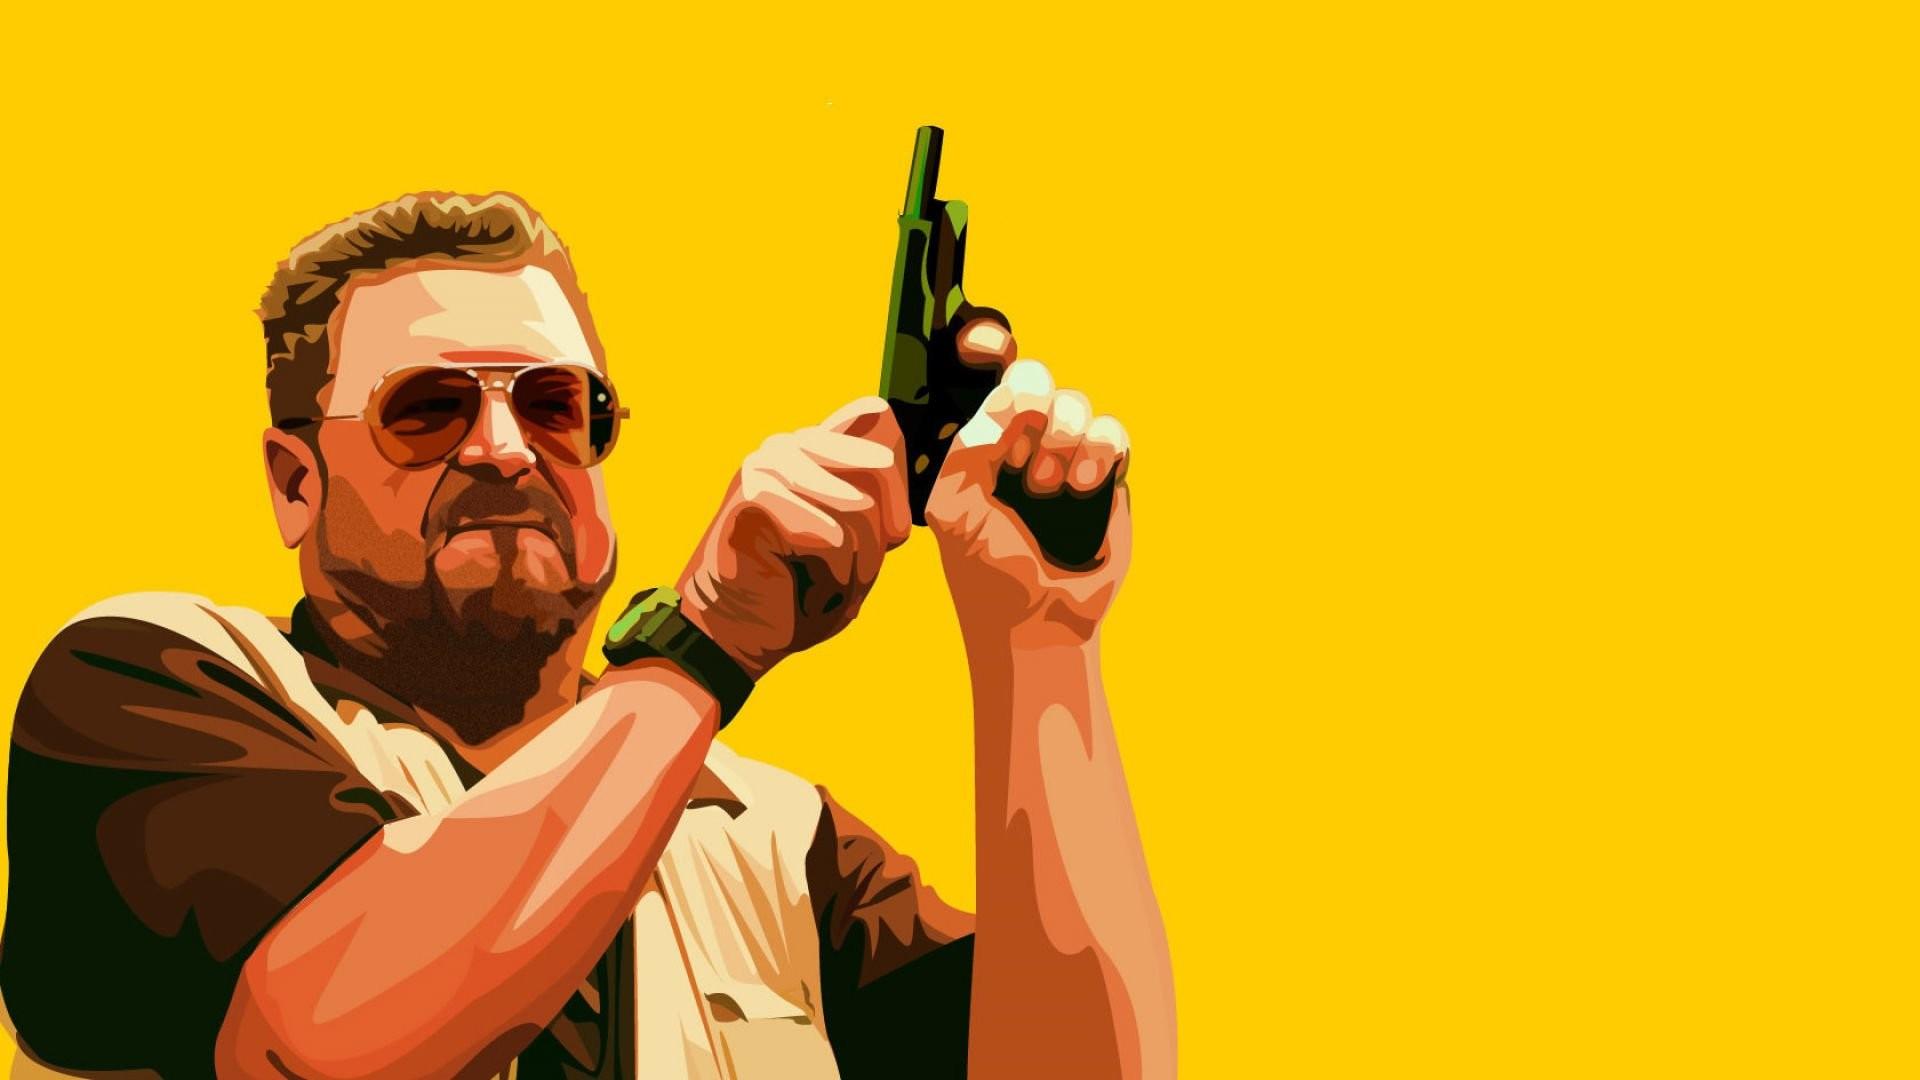 THE BIG LEBOWSKI comedy crime weapon gun pistol wallpaper      501086   WallpaperUP